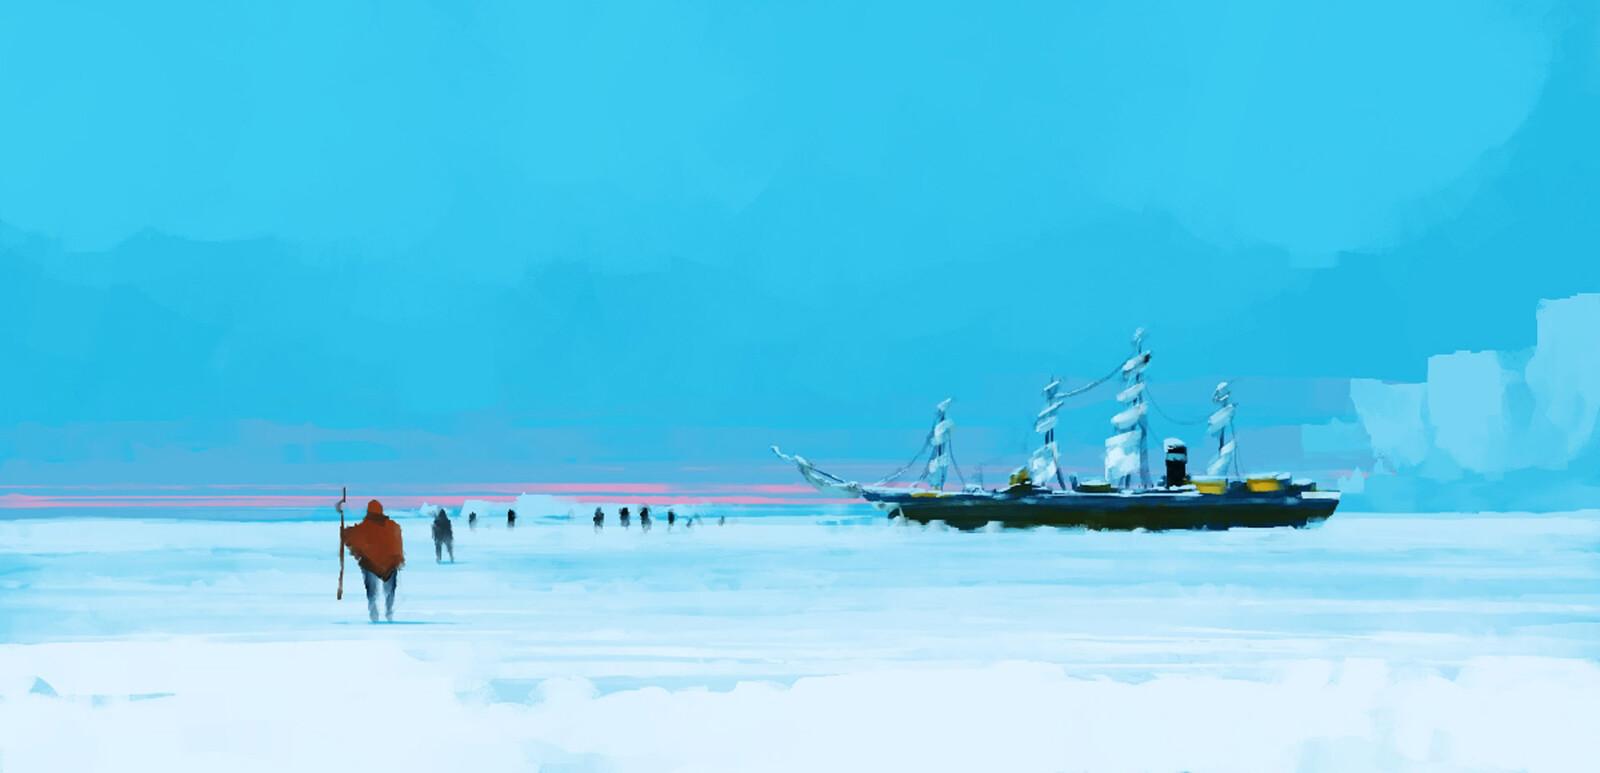 Inktober2019 - Day 4 - Freeze